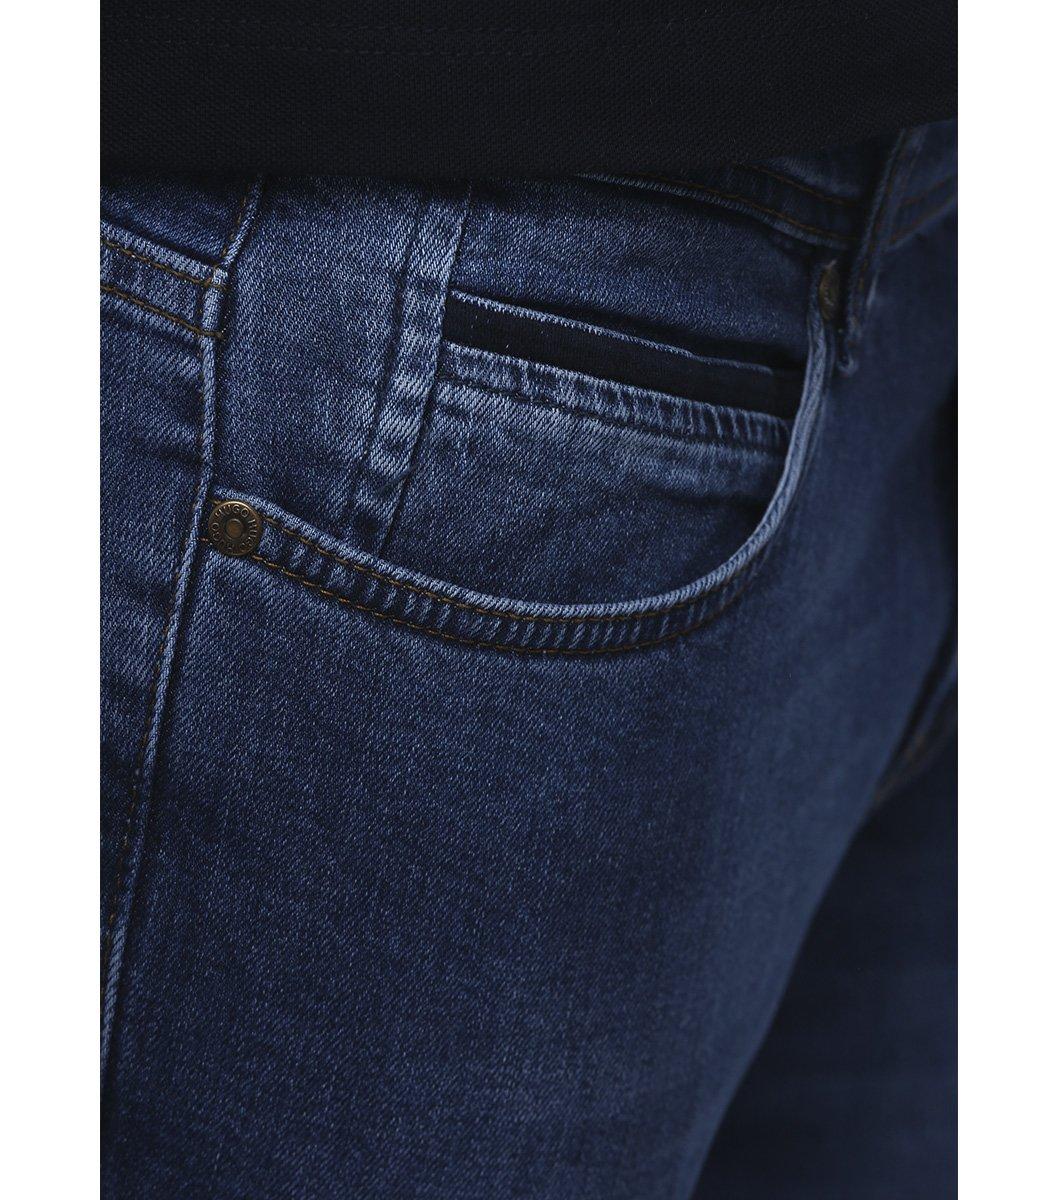 Синие джинсы Hugo Boss 9114 - Синий - Вид 6